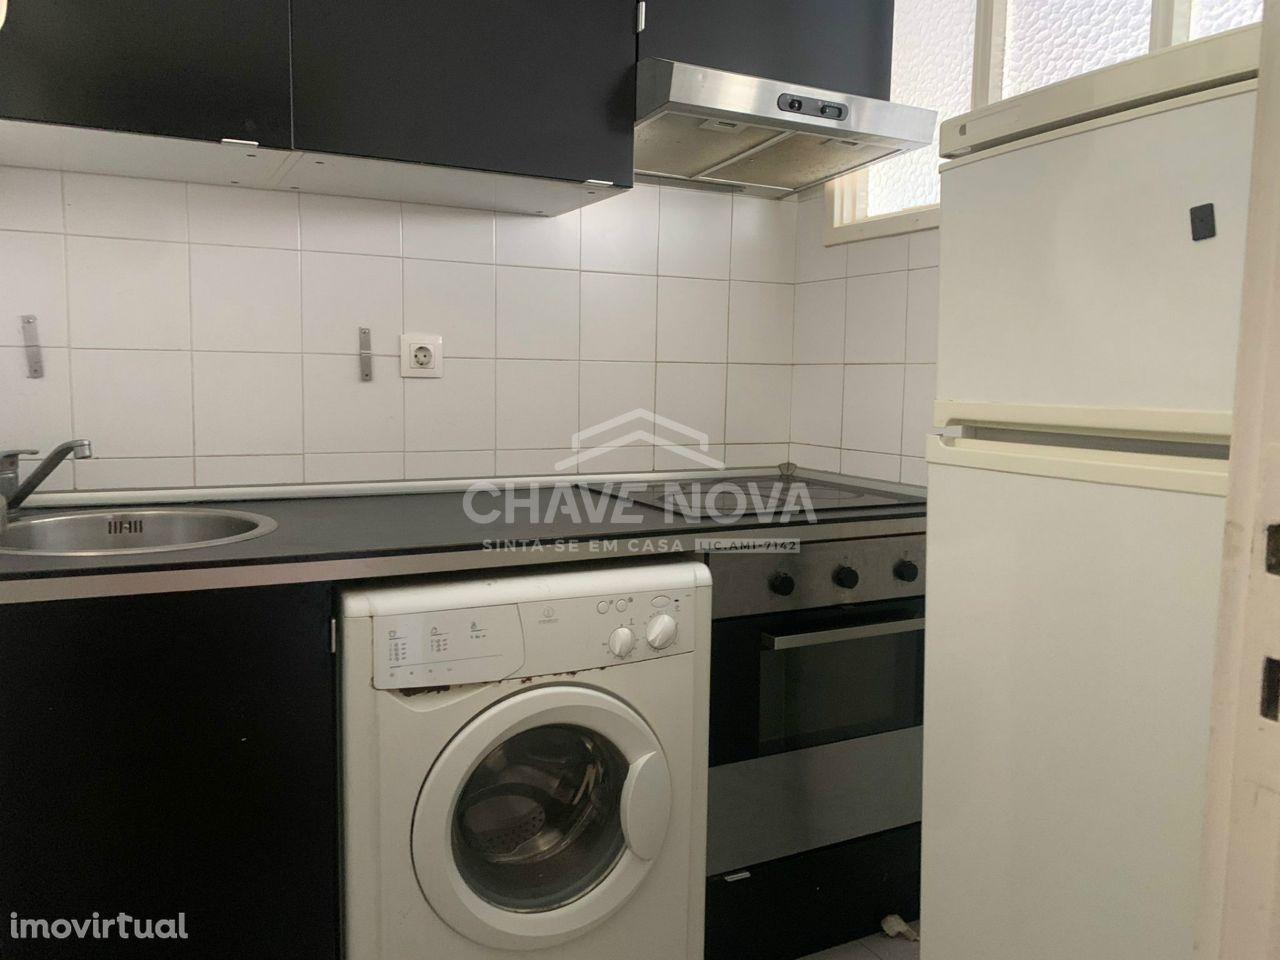 Apartamento, 37 m², Cedofeita, Santo Ildefonso, Sé, Miragaia, São Nicolau e Vitória